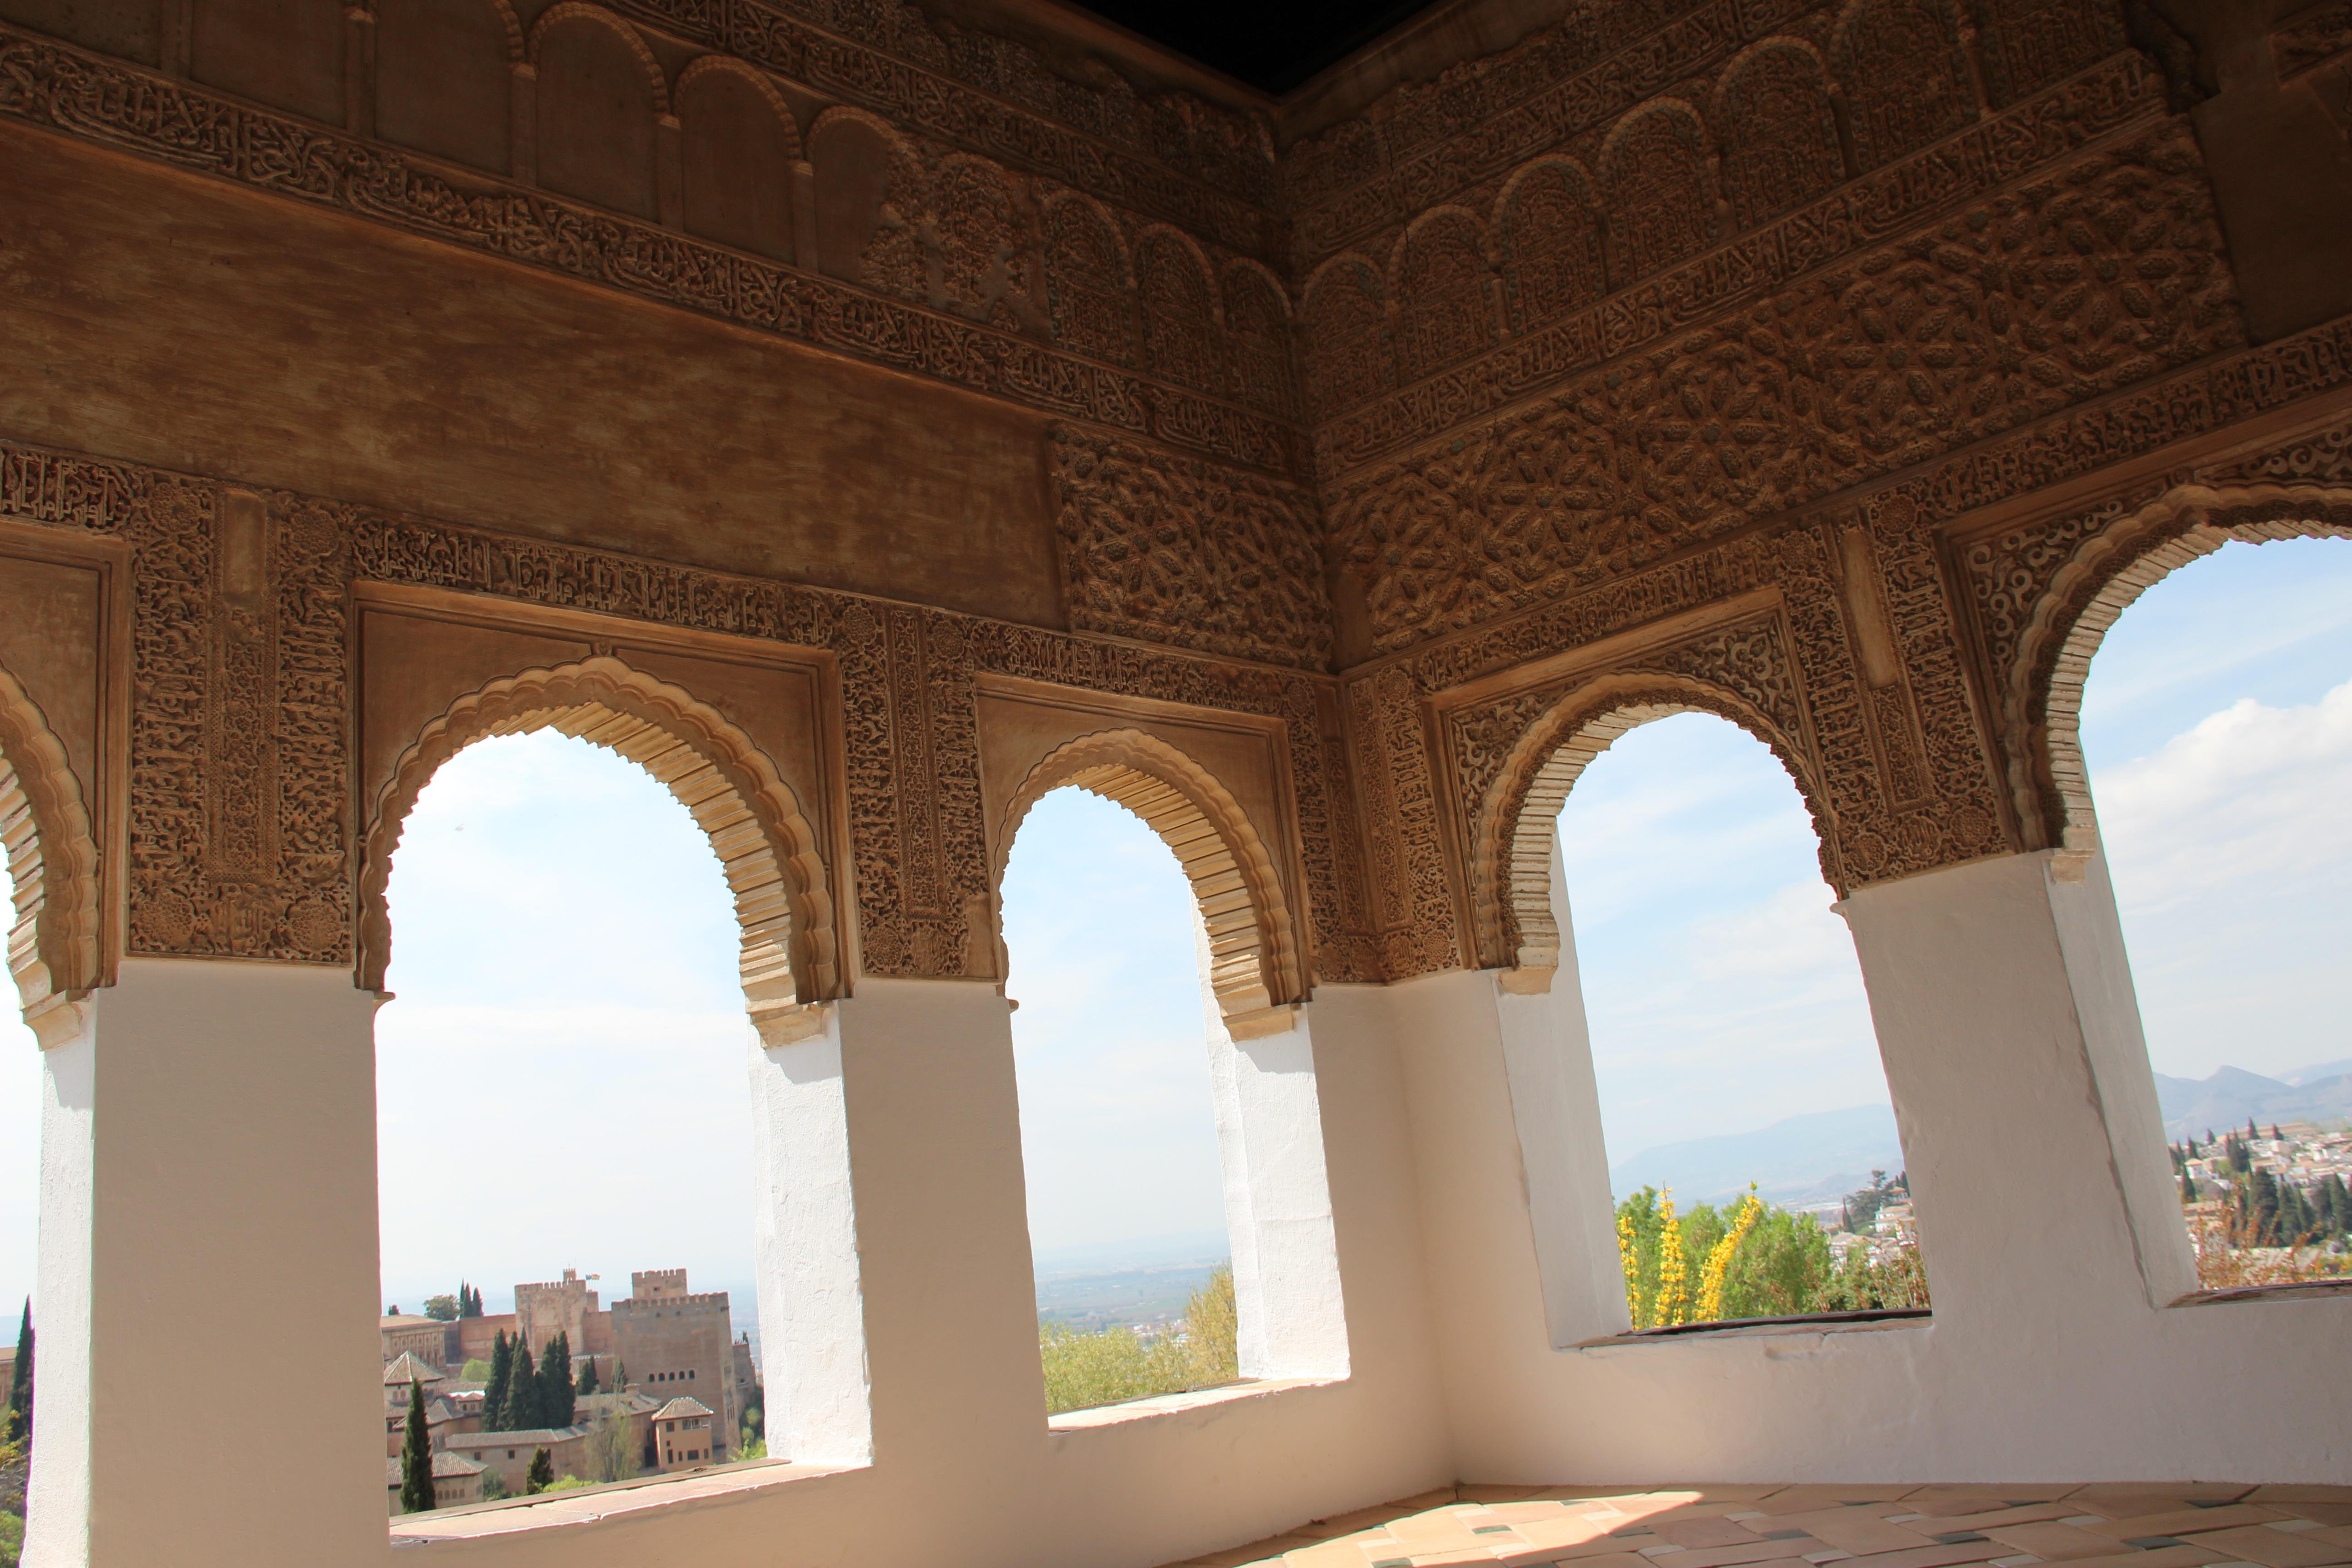 Innenarchitektur Geschichte kostenlose foto die architektur struktur palast bogen säule